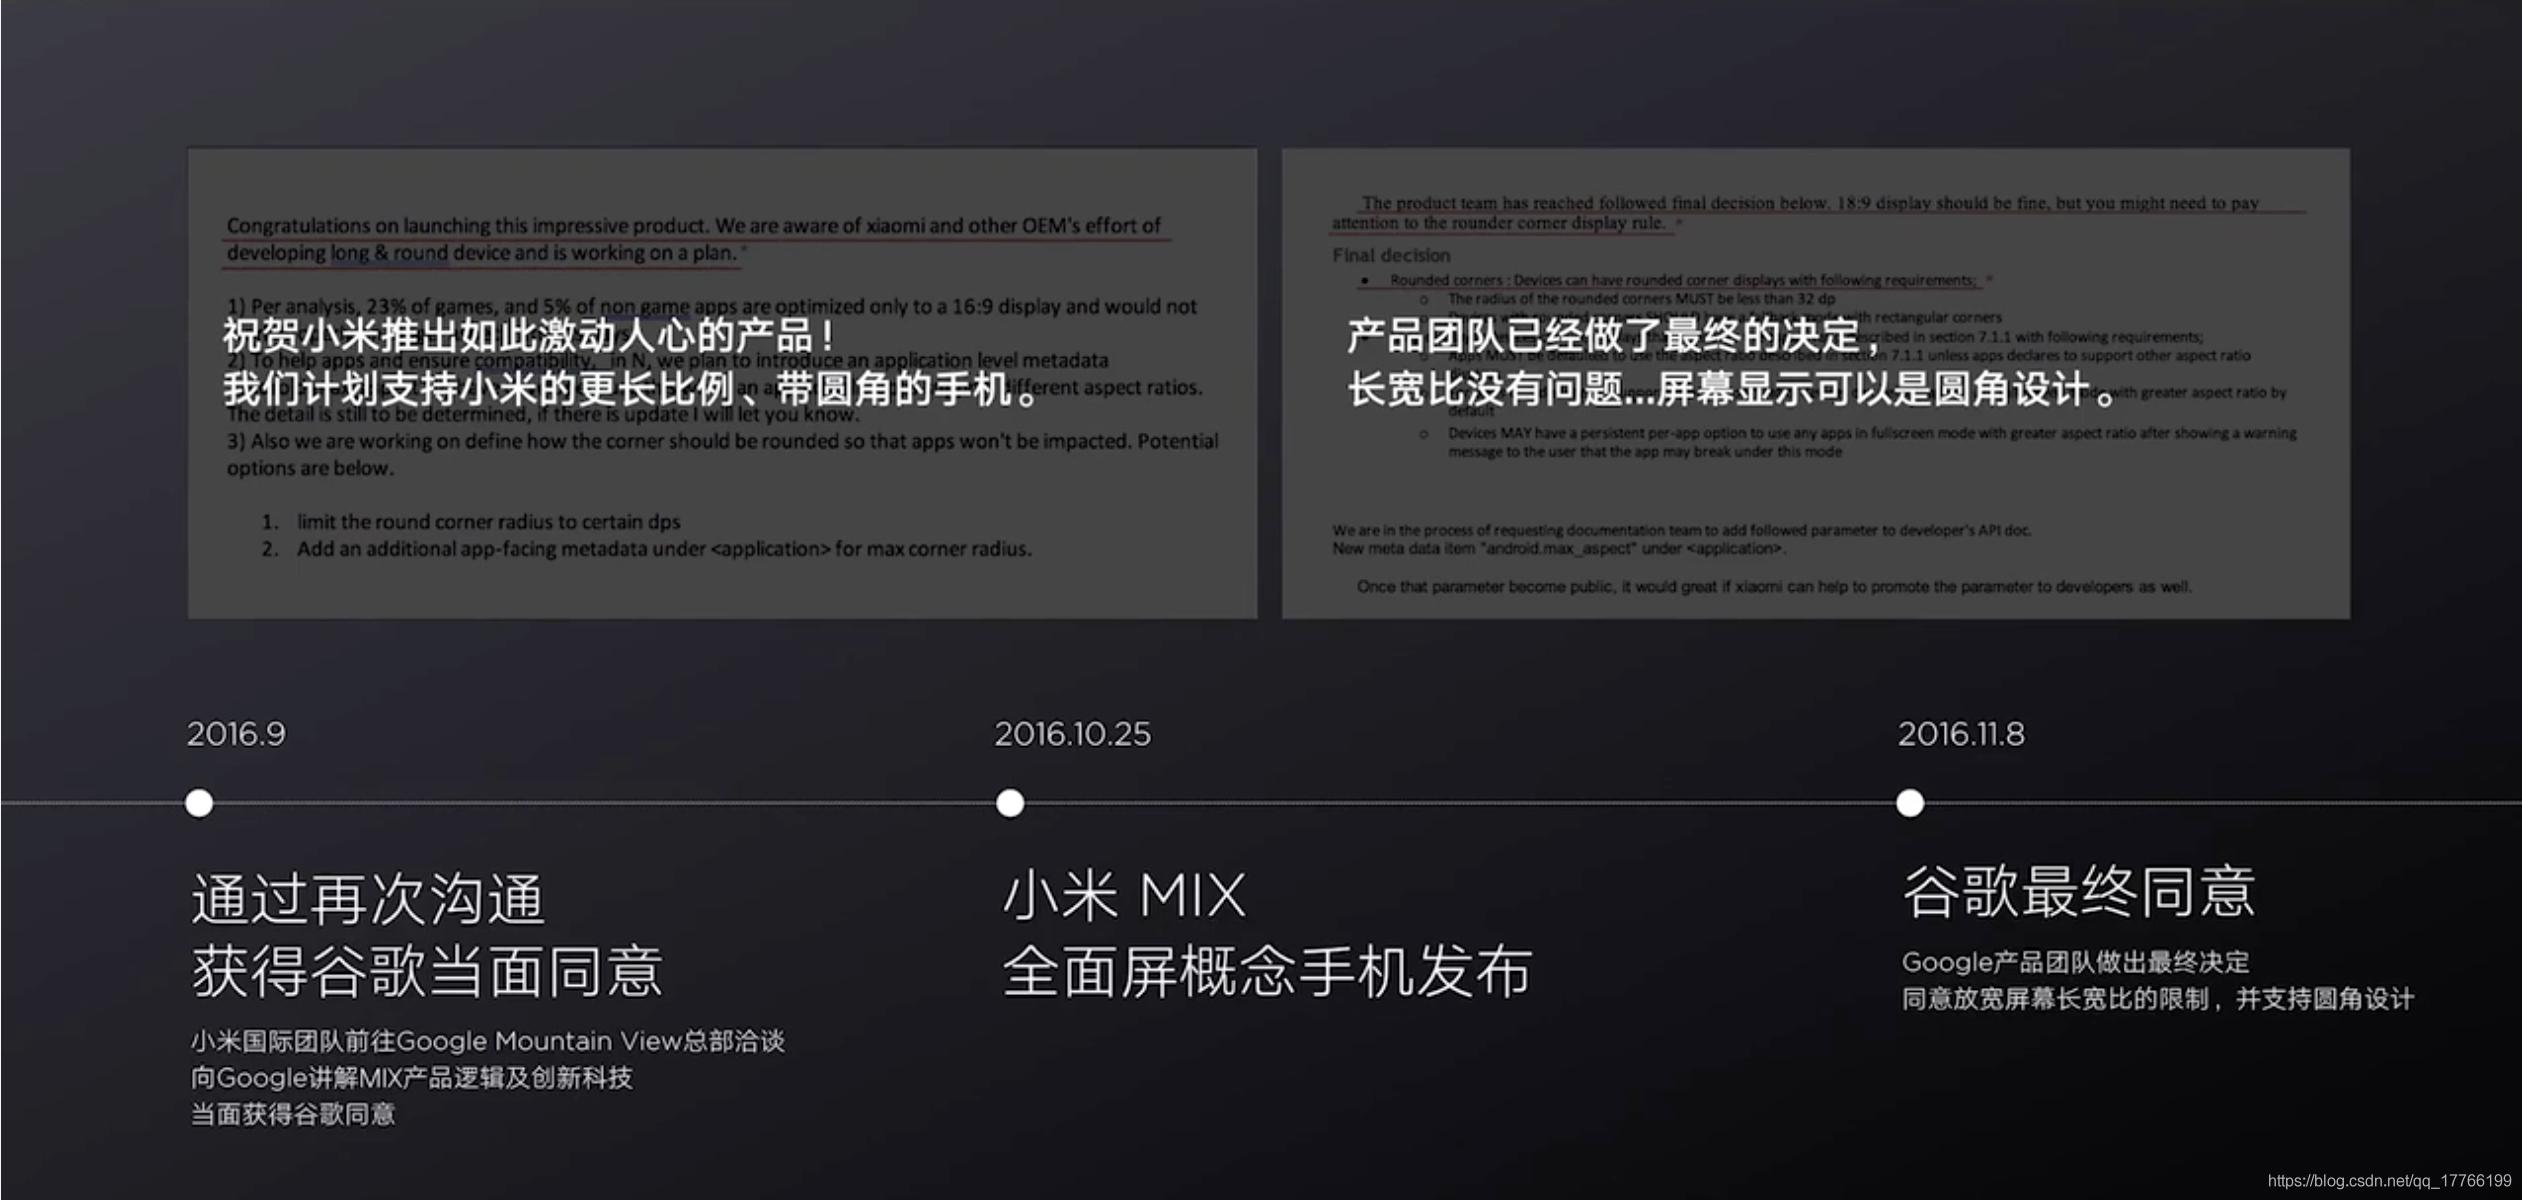 MIX 2发布会